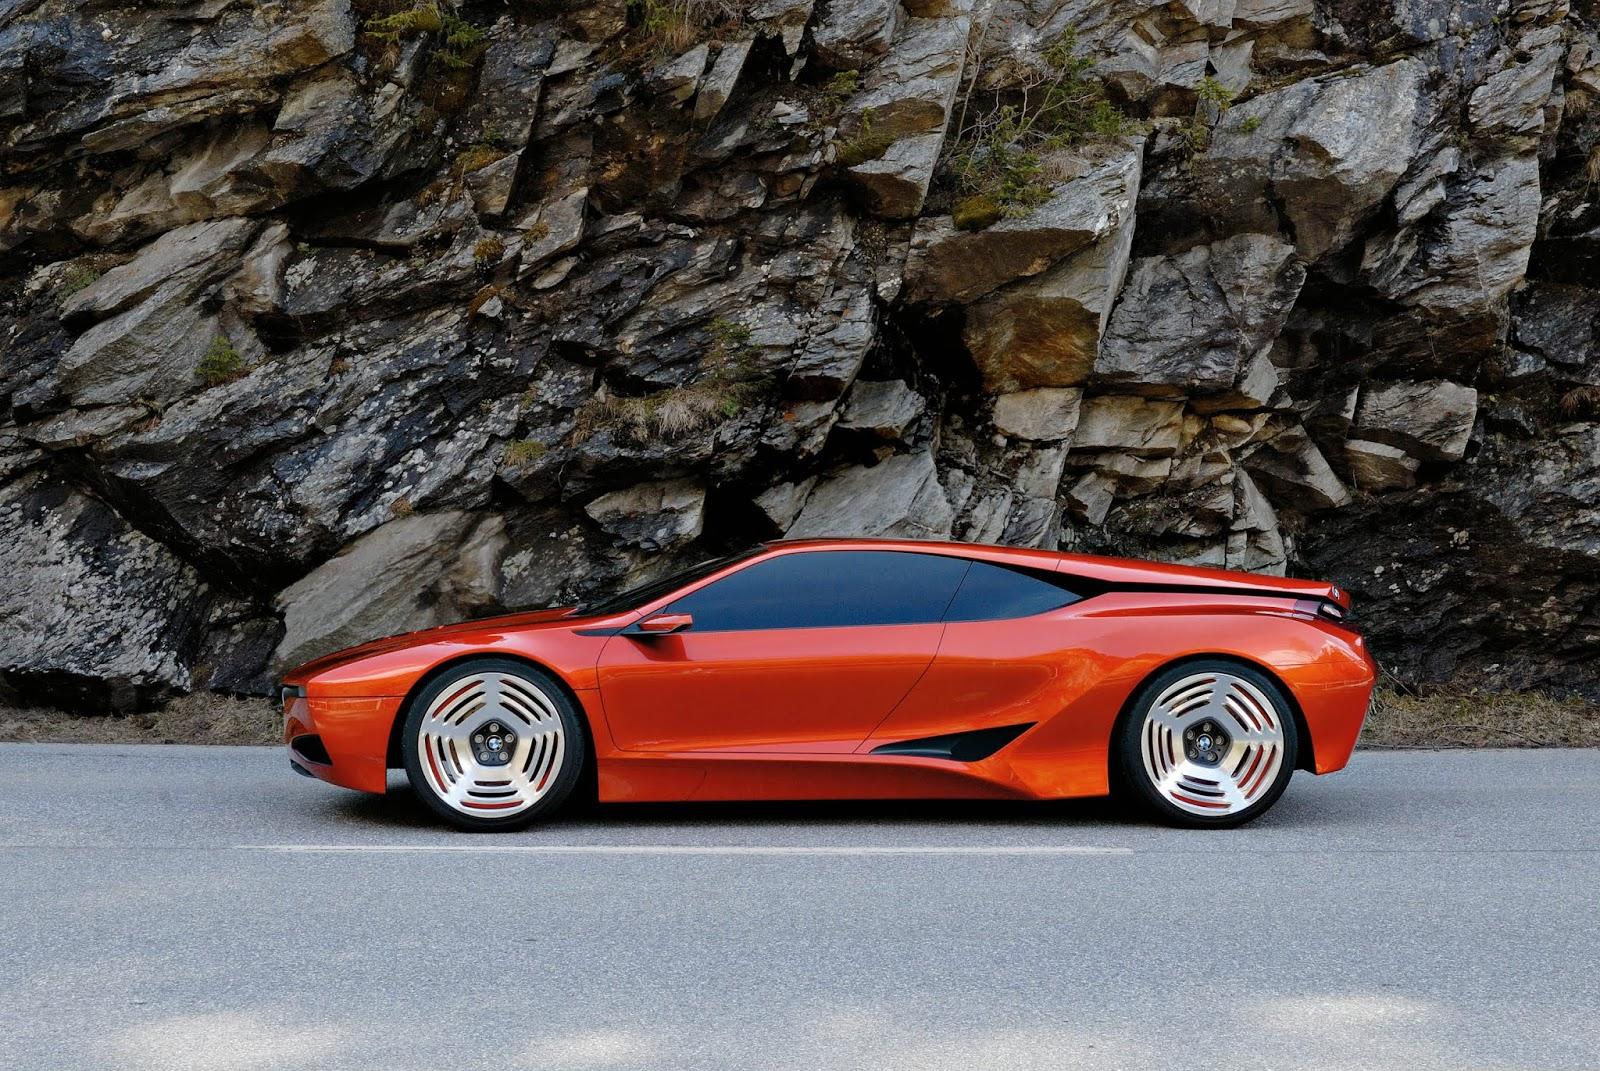 bm5 H BMW ετοιμάζει επιστροφή της Μ1 με 700 ίππους! BMW, BMW M, BMW M Performance, BMW M1, BMW M1 ProCar, BMW M8, zblog